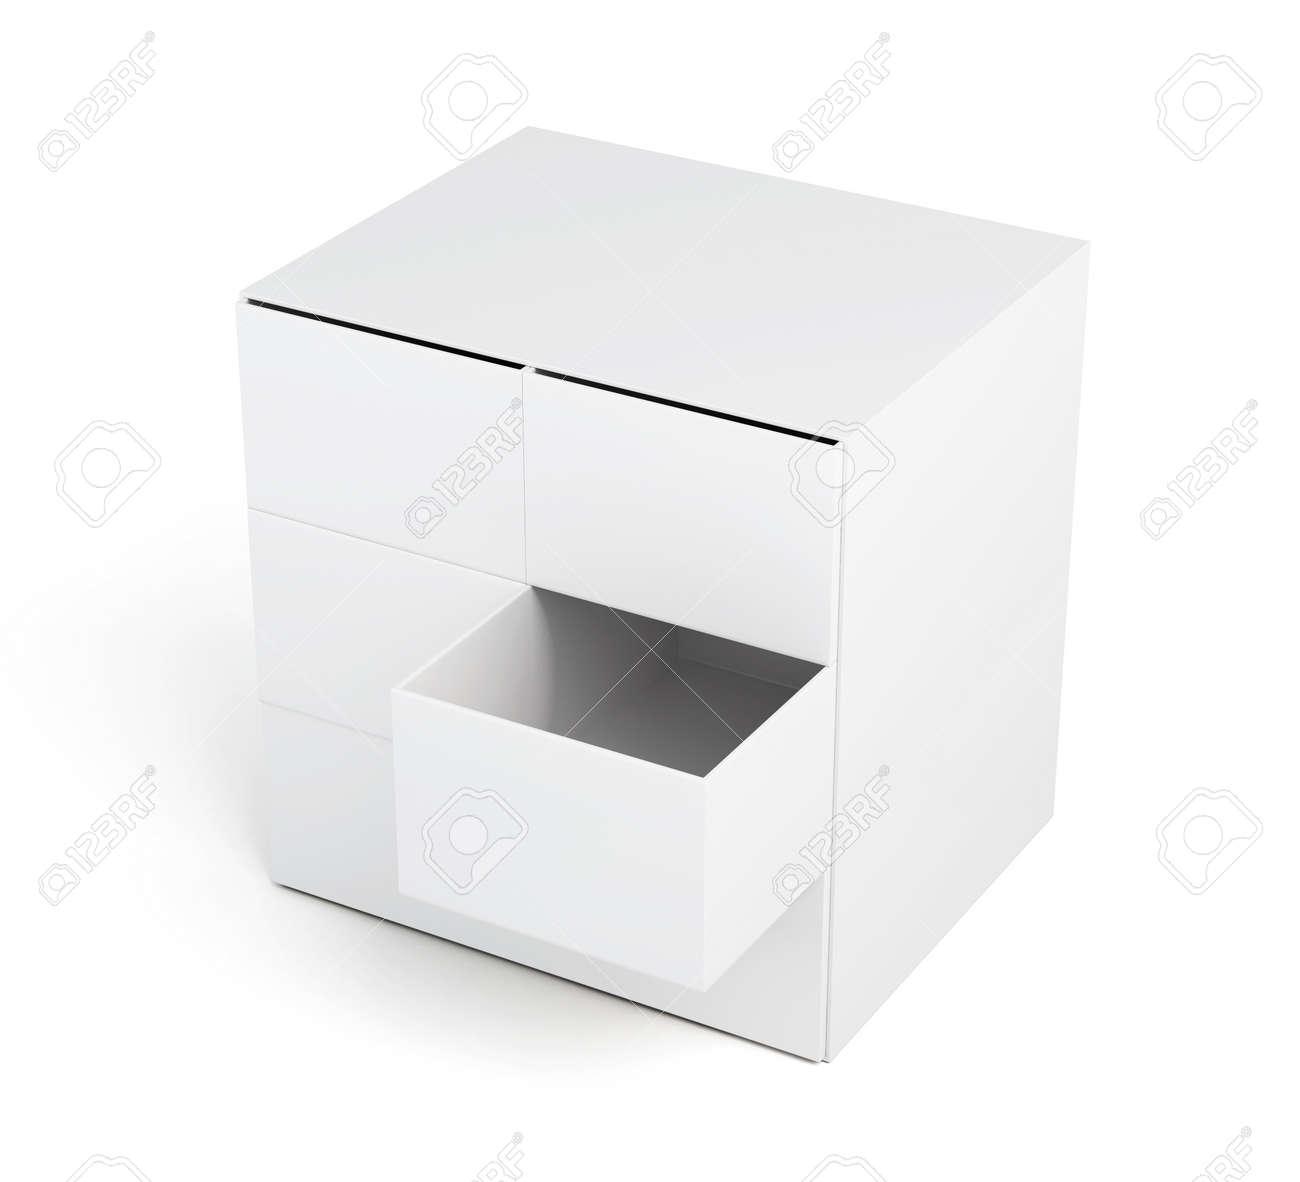 Kommode Mit Offenen Schublade Isoliert Auf Einem Weissen Hintergrund